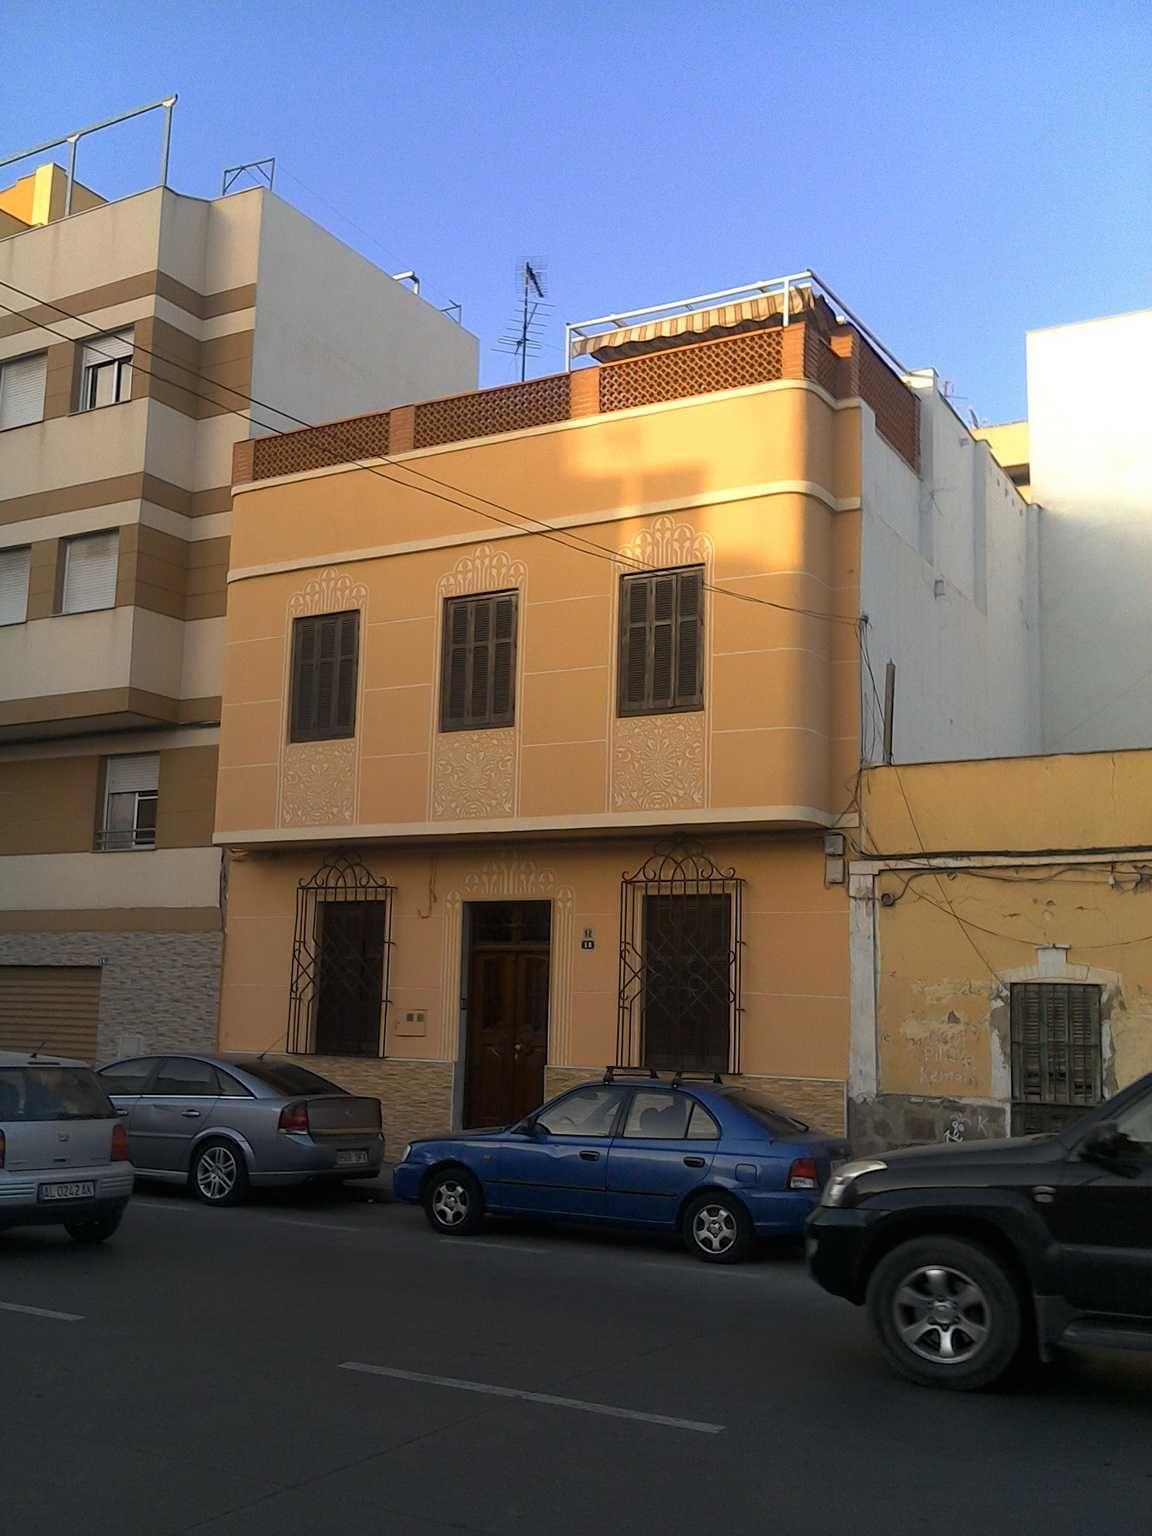 Calle Ibáñez Marín, 12